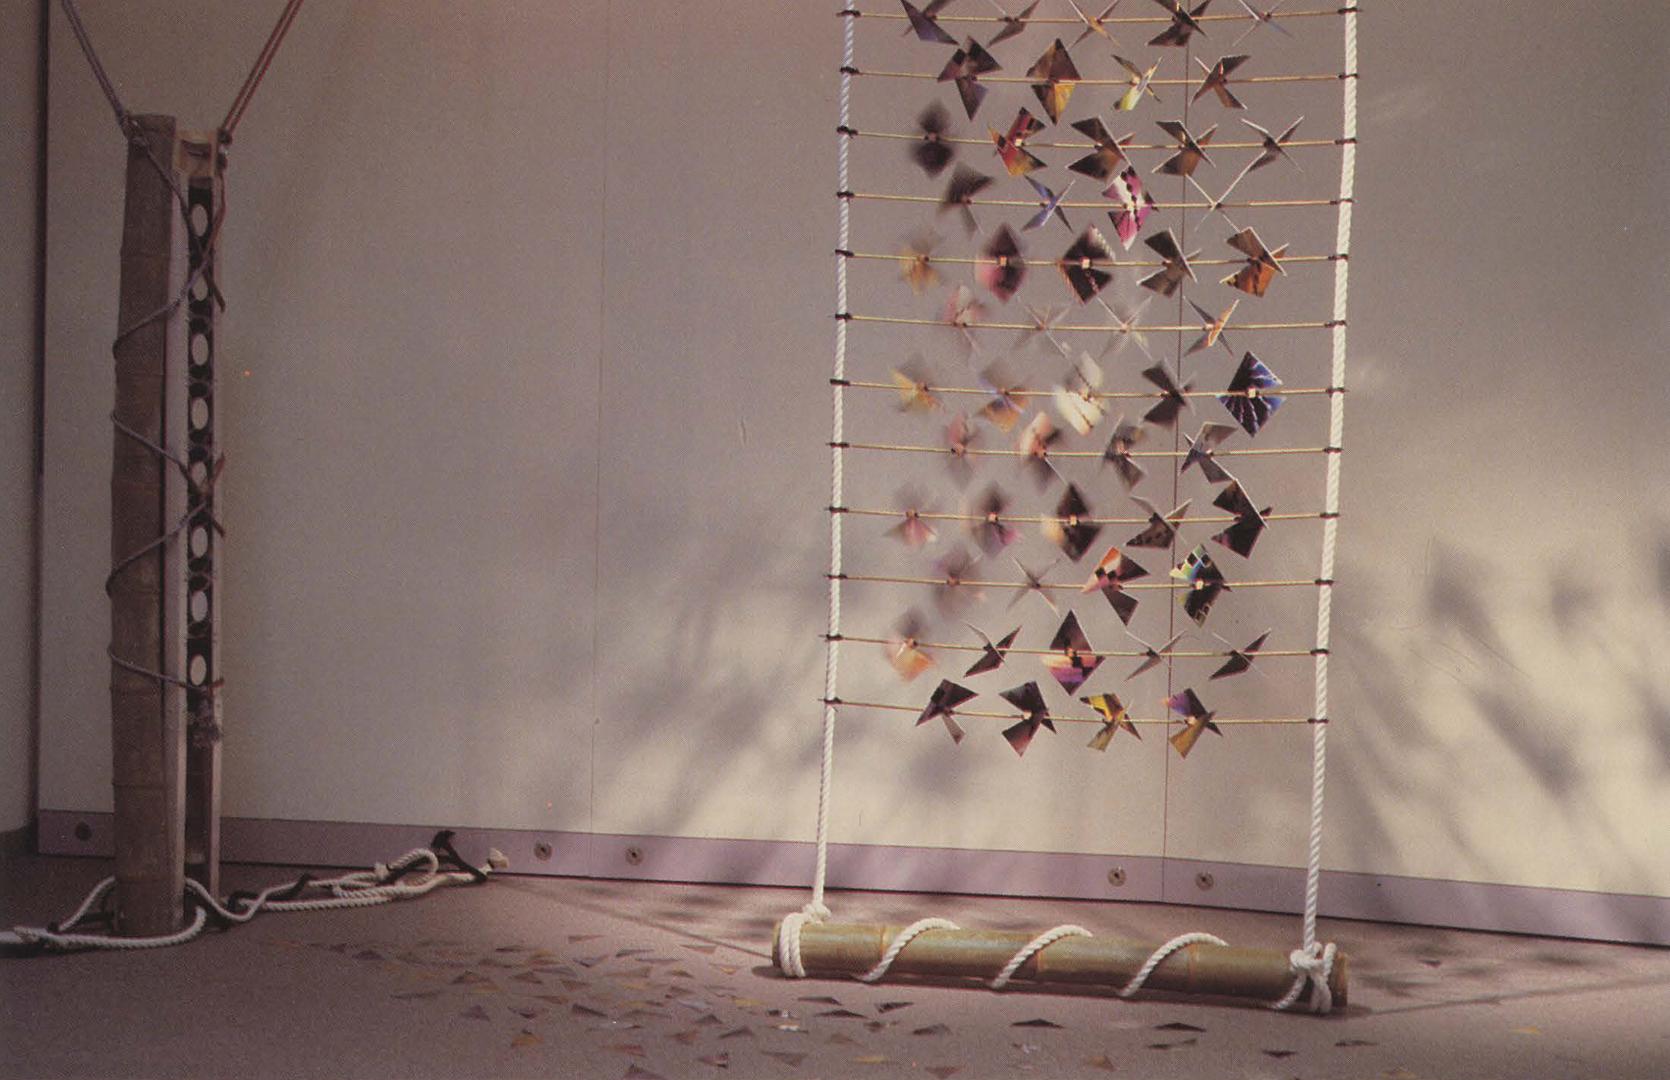 ©1992, Michiko Shiobara and Ryoichiro Debuchi, Kazaguruma (Pinwheels of Schrodinger)